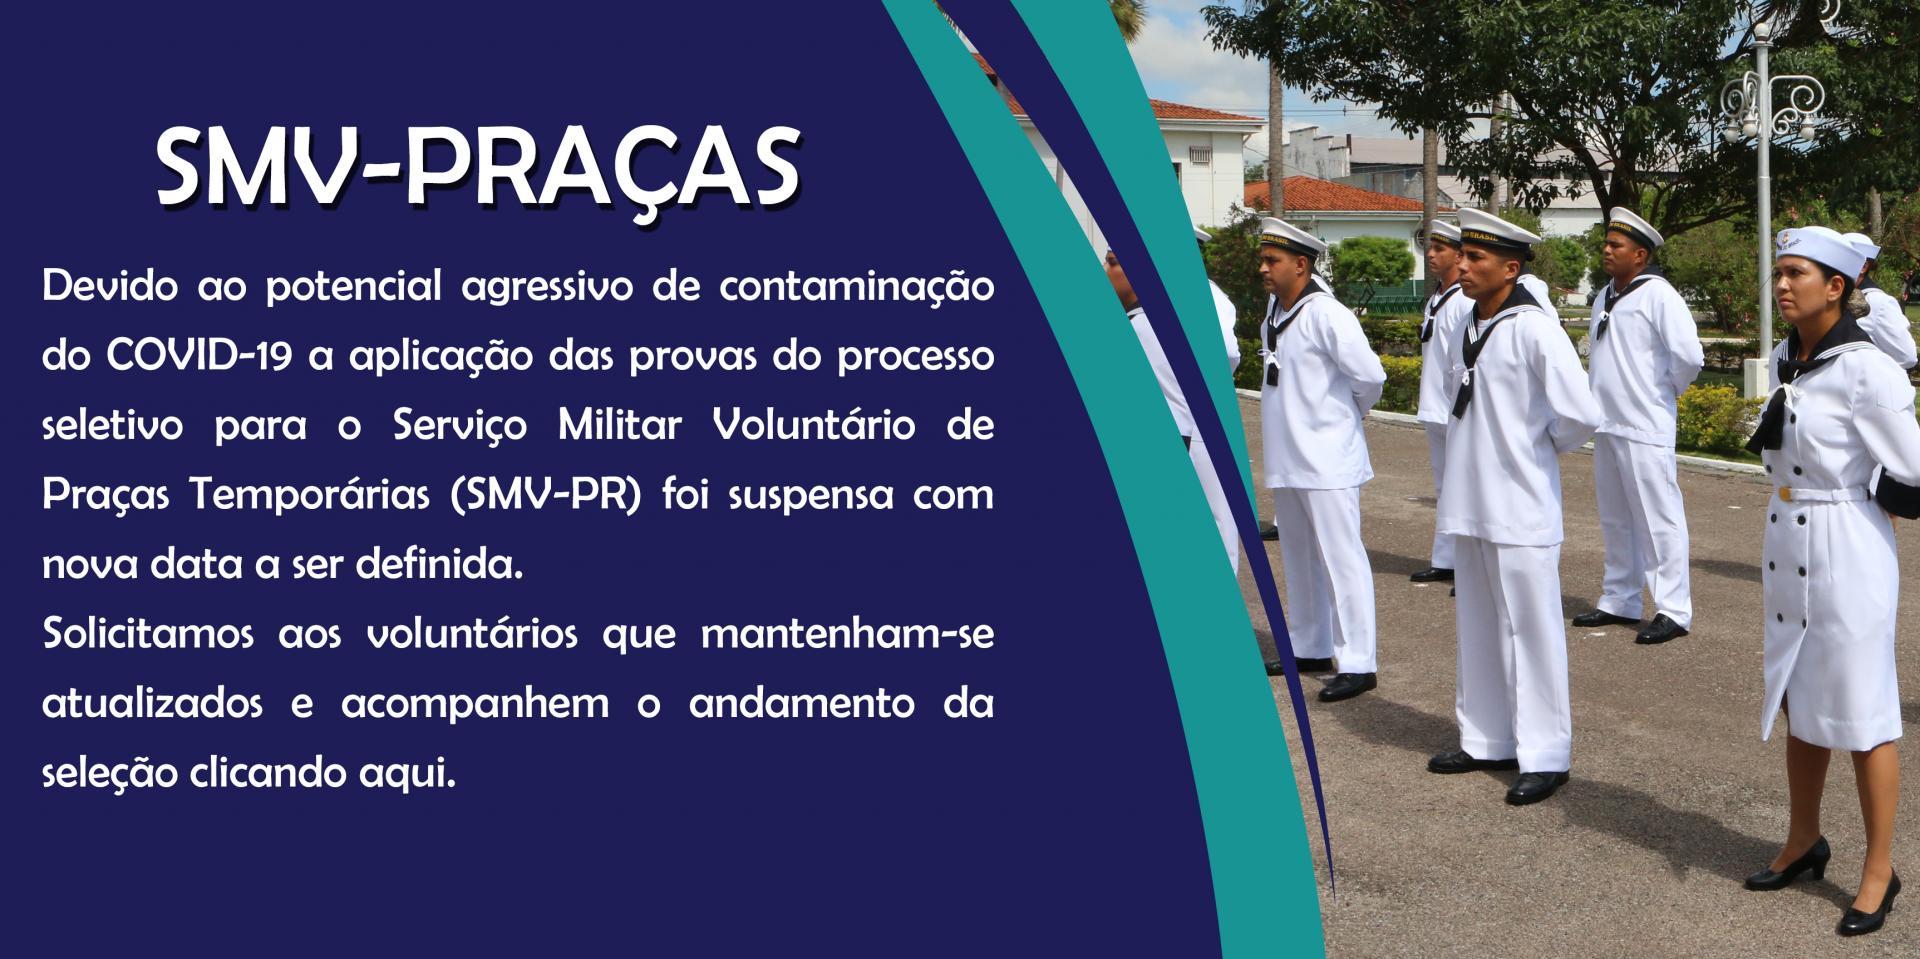 SMV-PRAÇAS